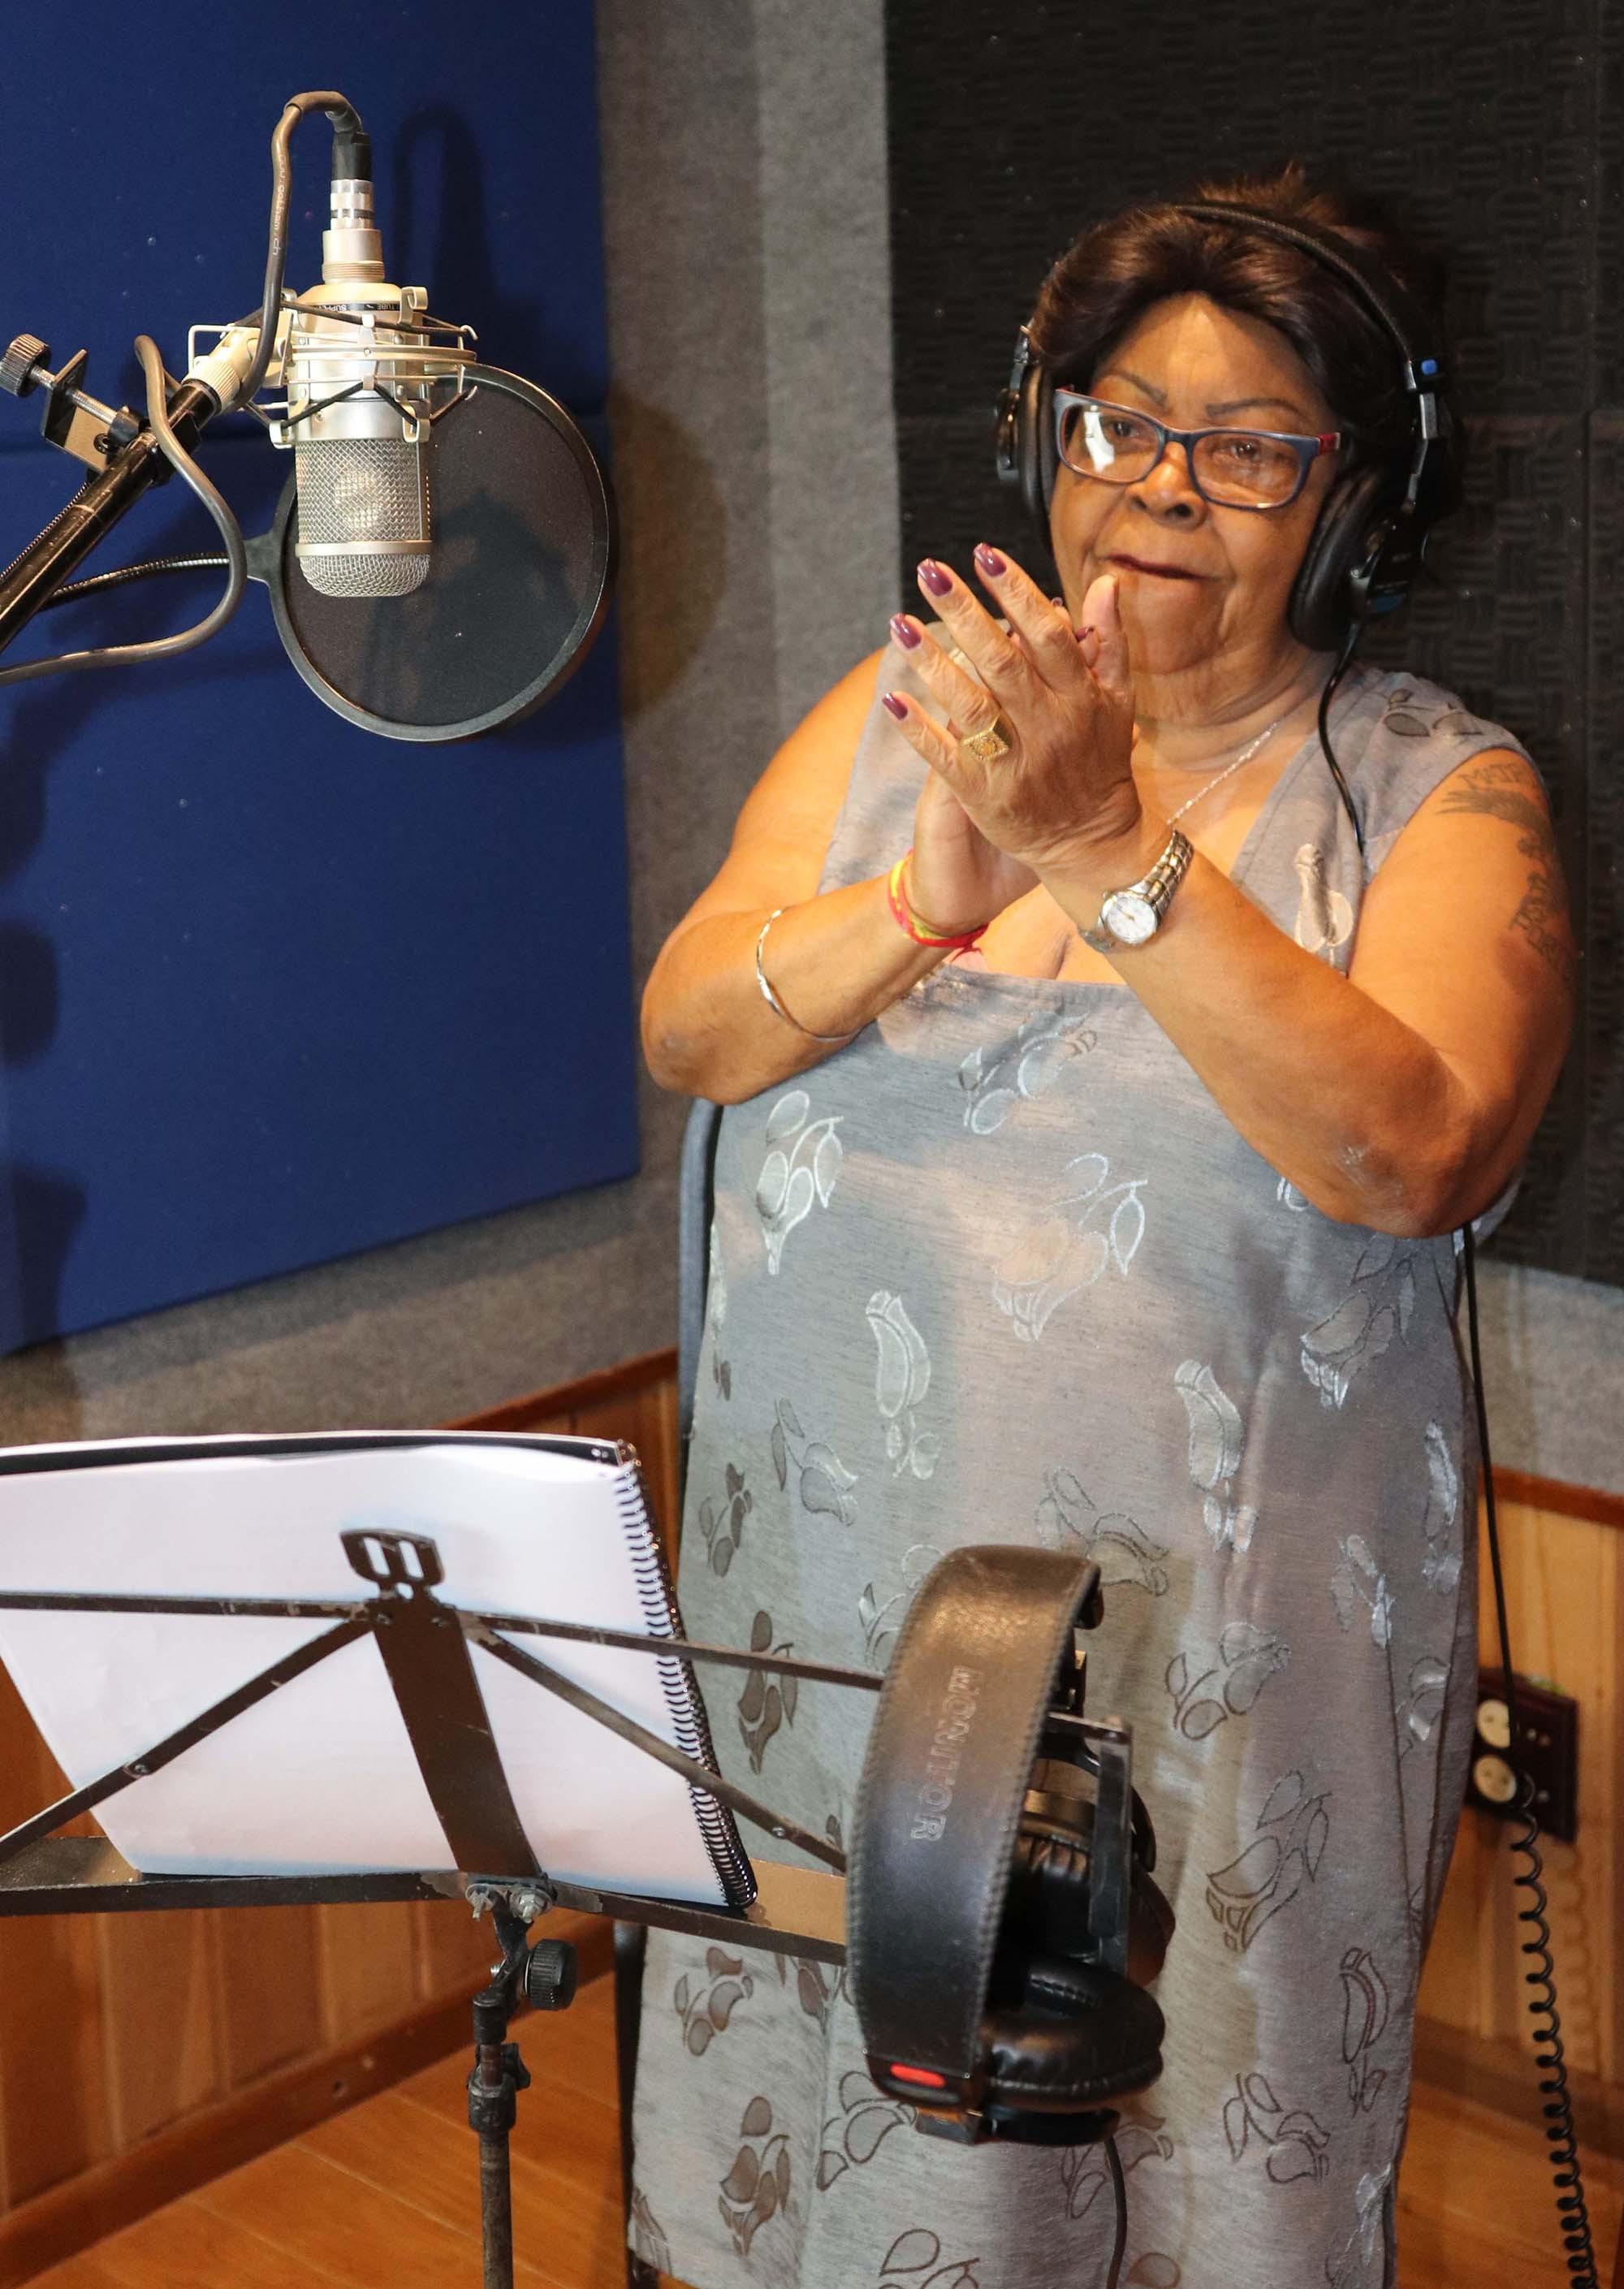 Aos 80 anos, Tia Surica celebra o centenário do compositor Manacéa em álbum com a nobreza do samba